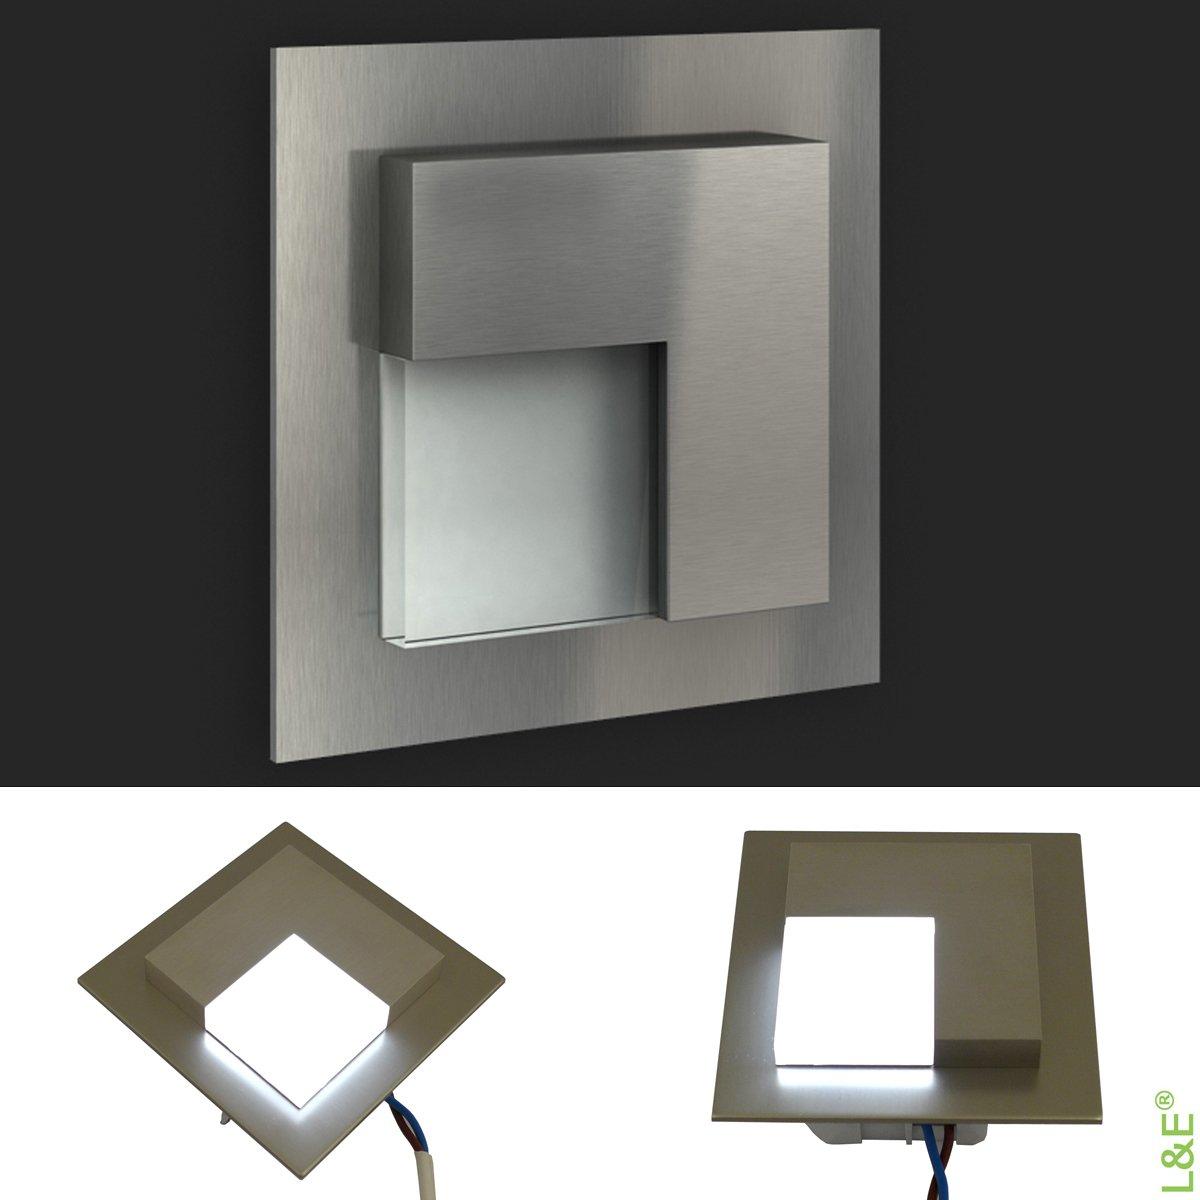 LEDIX LED Einbauleuchte 6x TIMO Edelstahl gebürstet. 230V 230V 230V Treppenbeleuchtung (1er bis 9er Set) Lichtfarbe  kaltweiss. Wandleuchte Treppenlicht. Passend für Ø 60 mm Unterputz Einbaudose (Installationsdose). BITTE WÄHLEN SIE DIE GEW&Uu c5ca72